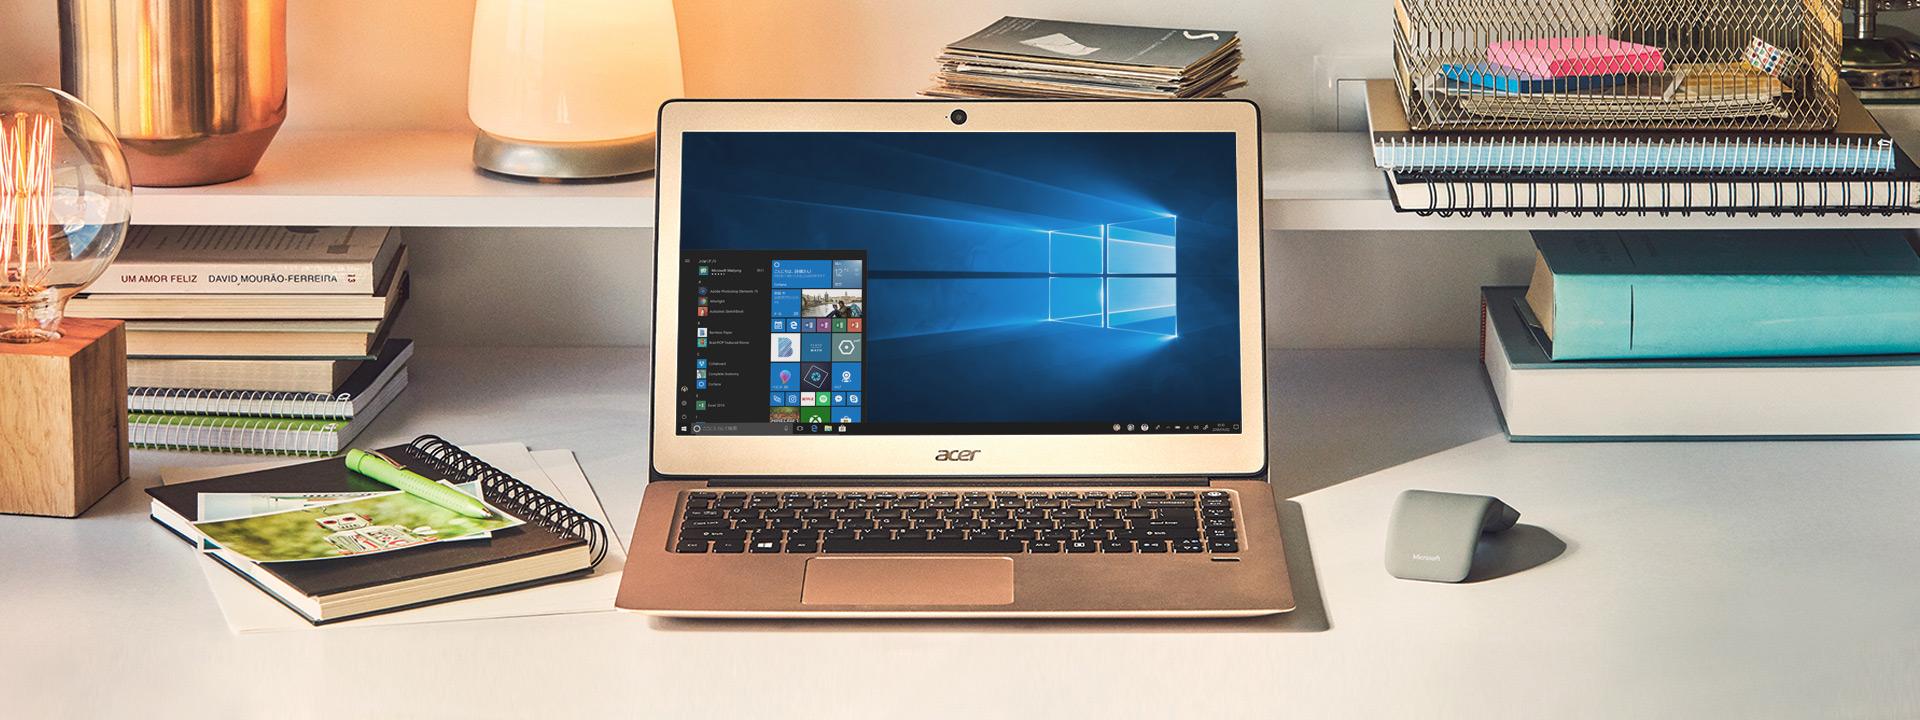 机の上で本やメモ帳に囲まれた Acer 製のノート PC とマウス